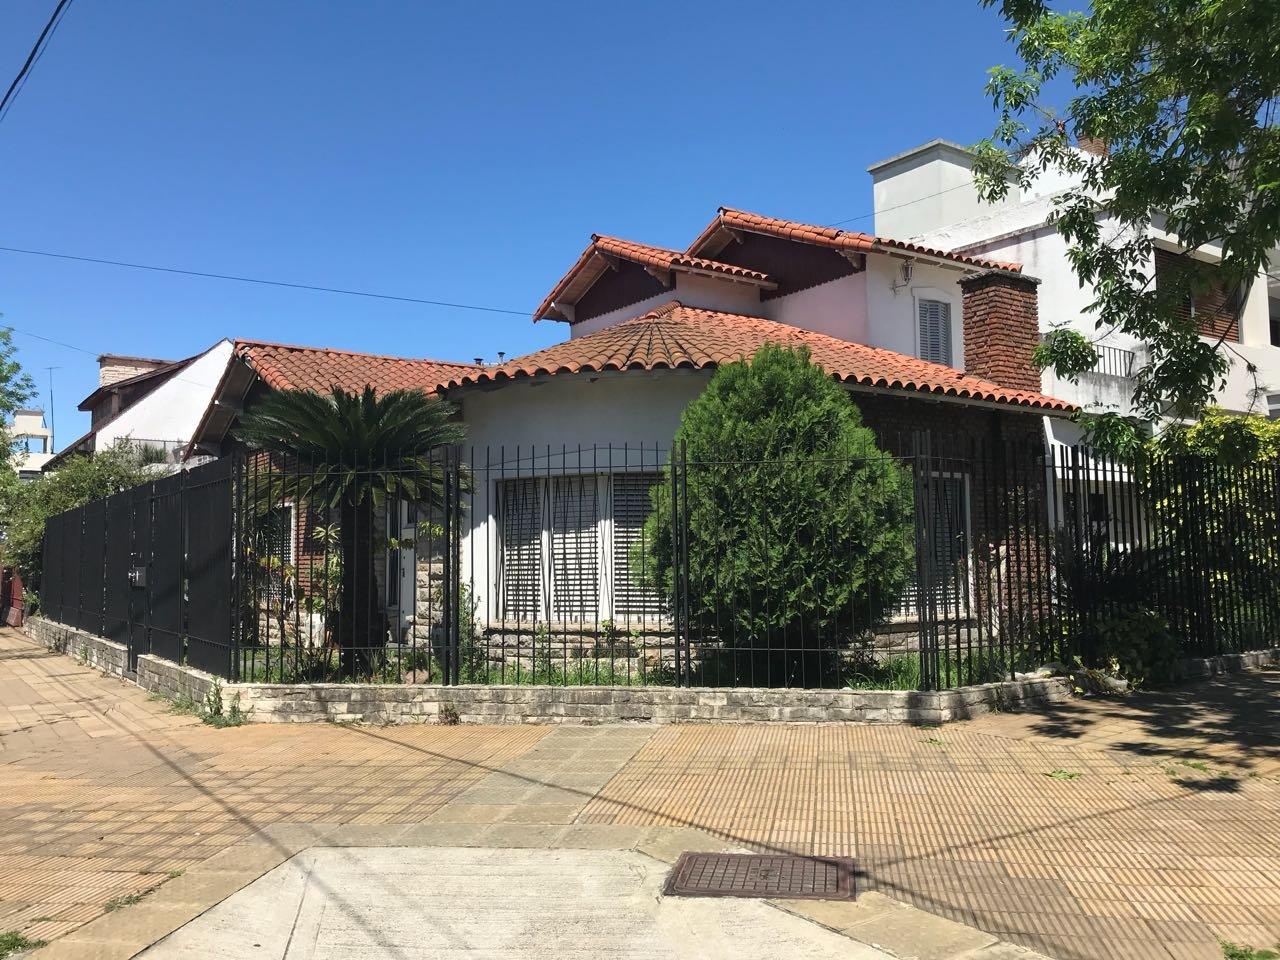 Inmuebles en argentina venta y alquiler de departamentos for Inmobiliaria 3 casas